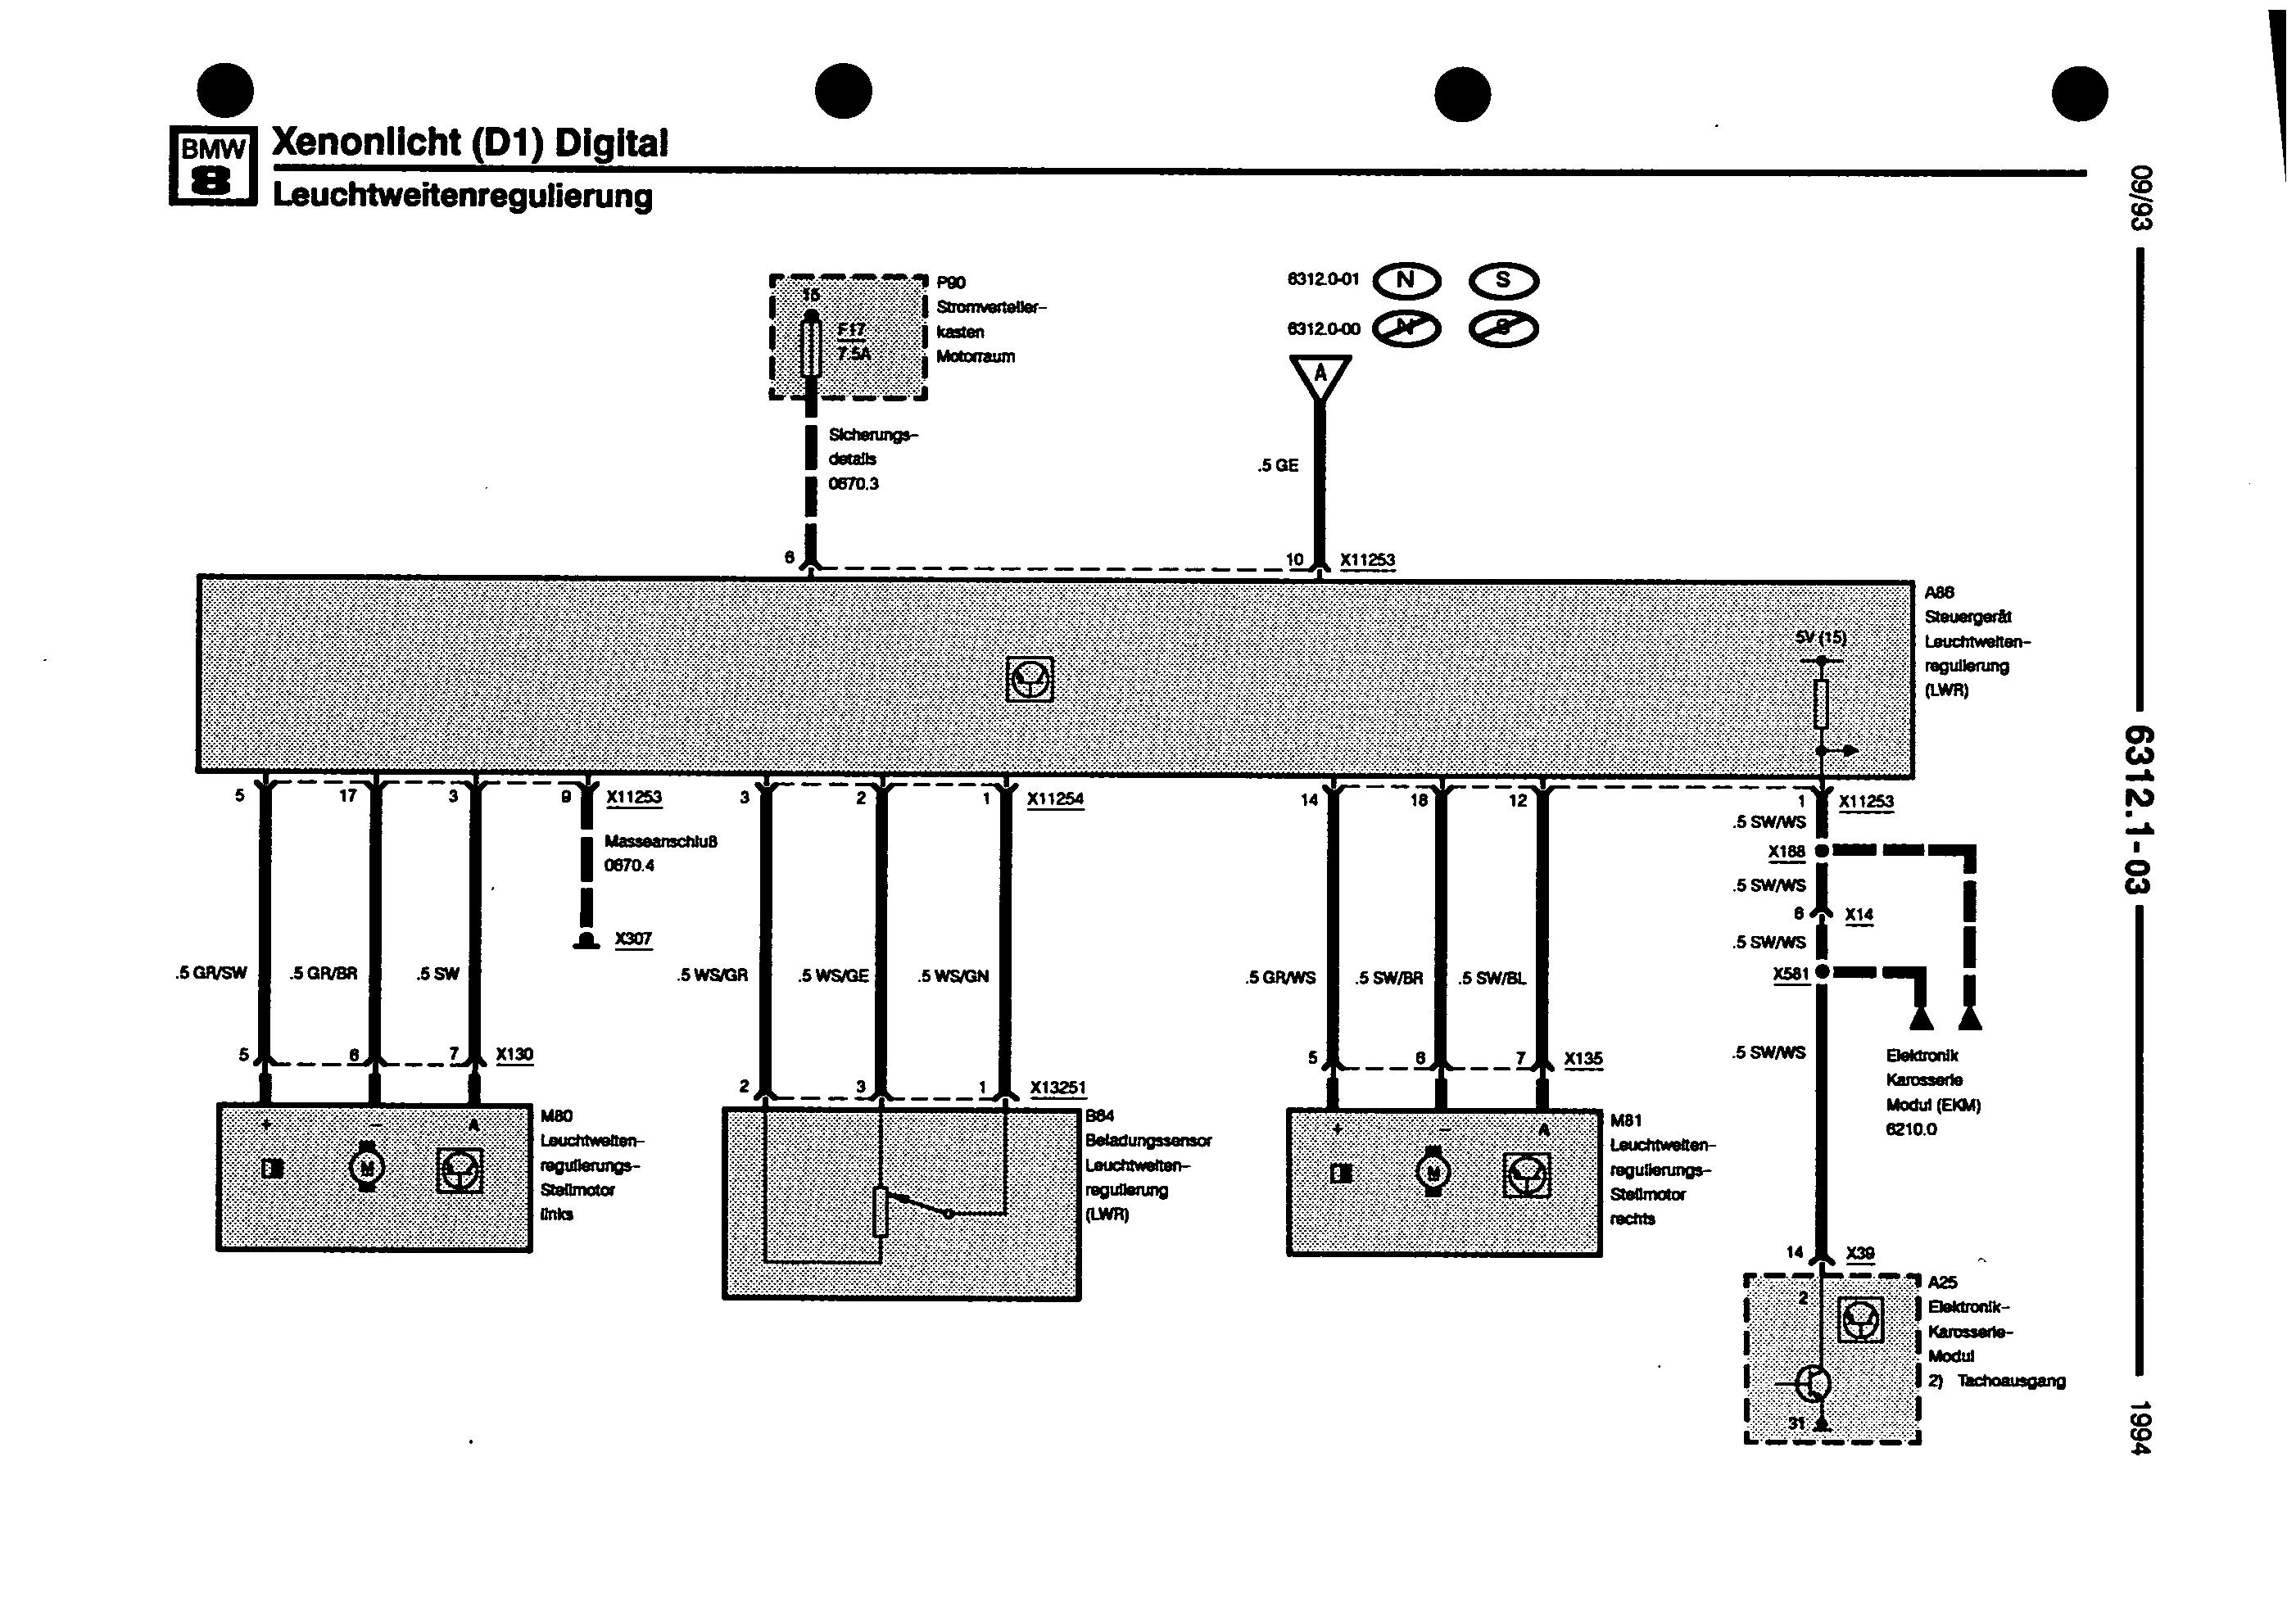 Terrific BMW Lwr Wiring Diagram Pictures - Best Image Schematics ...